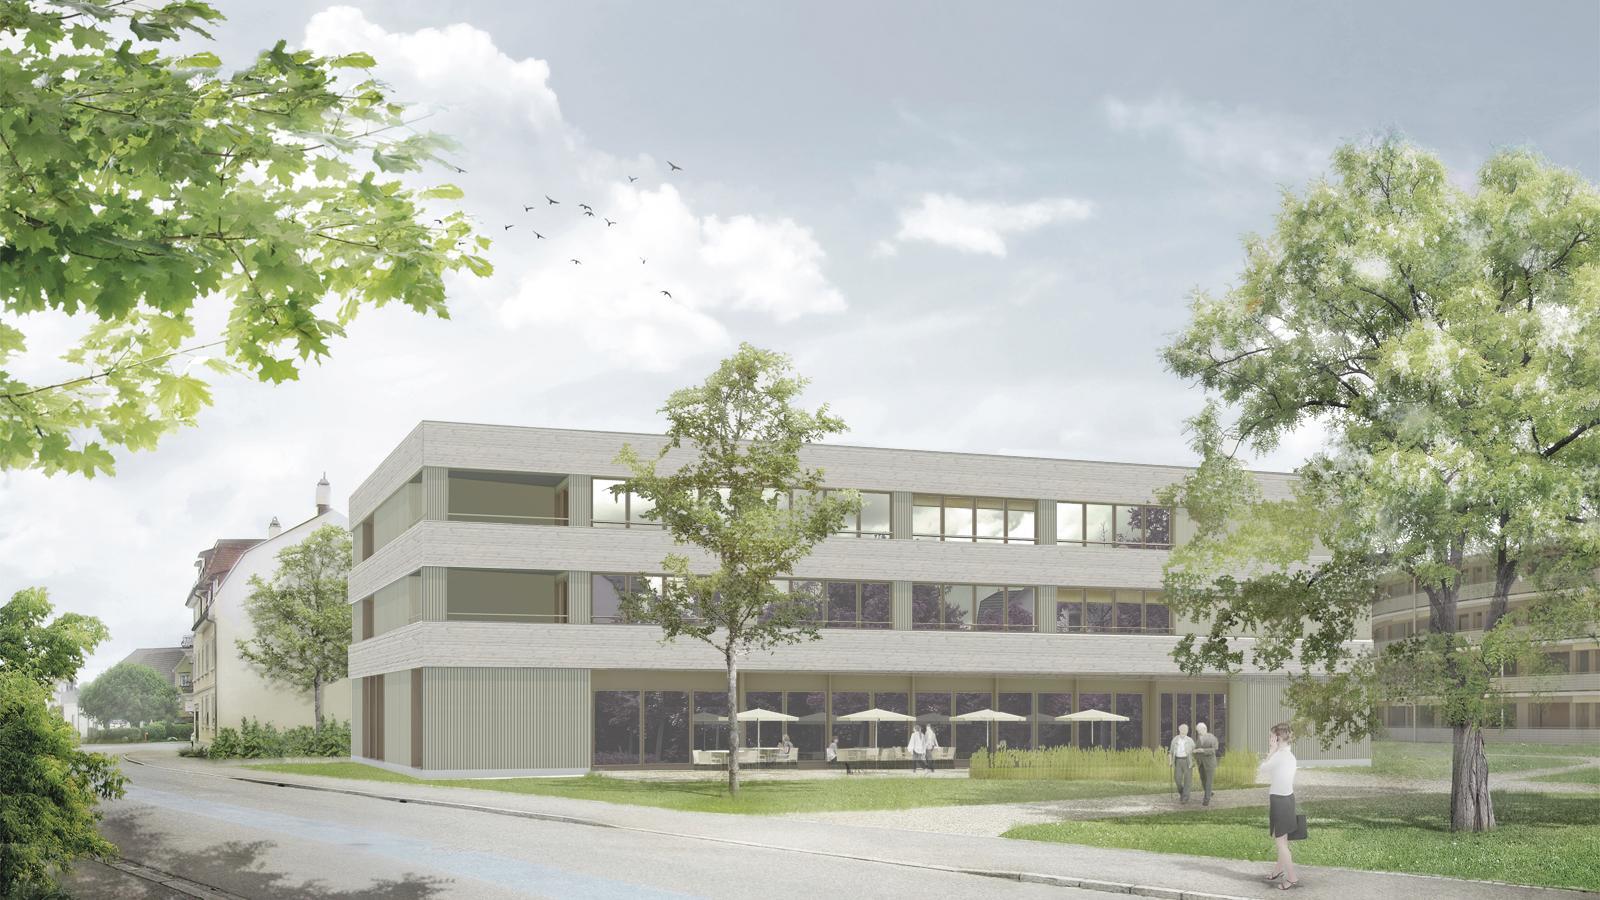 Erweiterung Alters- und Pflegeheim Gartenhof, Steinach, Aschwanden Schürer Architekten, schotstek